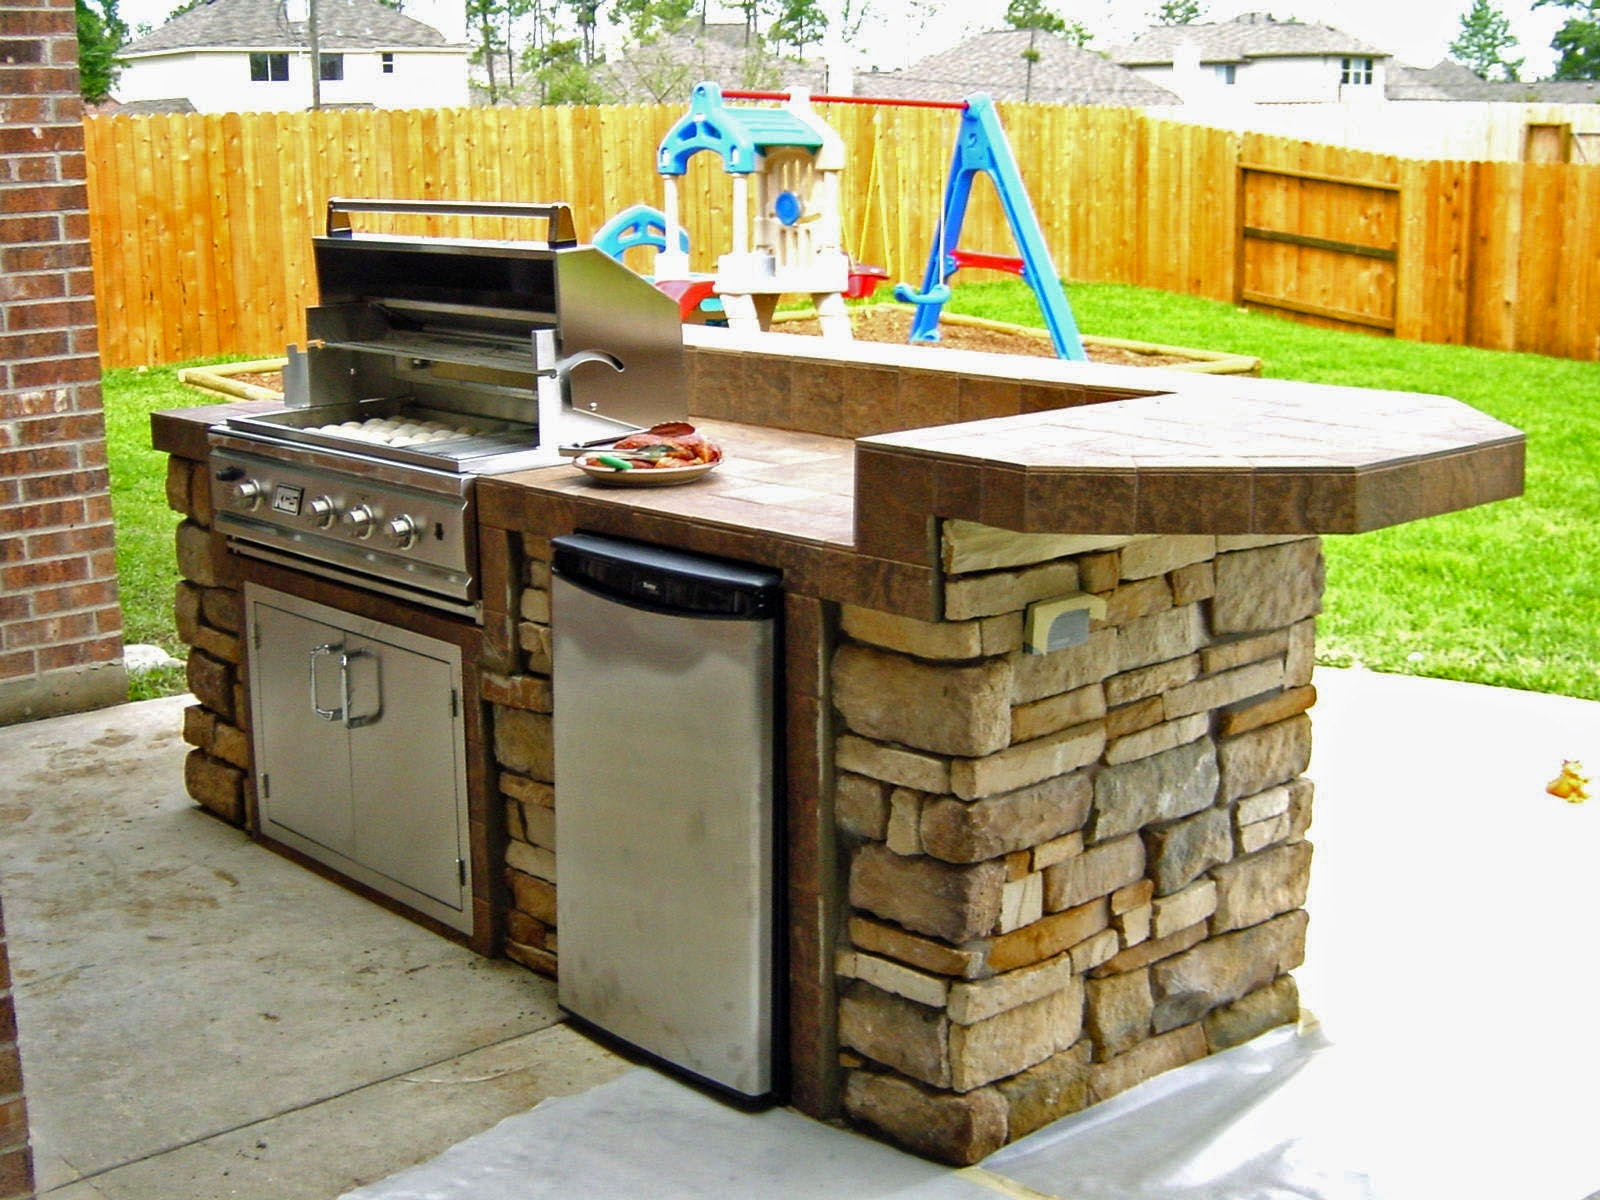 Simple Outdoor Kitchen Design Ideas - Interior Home ... on Backyard Kitchen Design id=81590